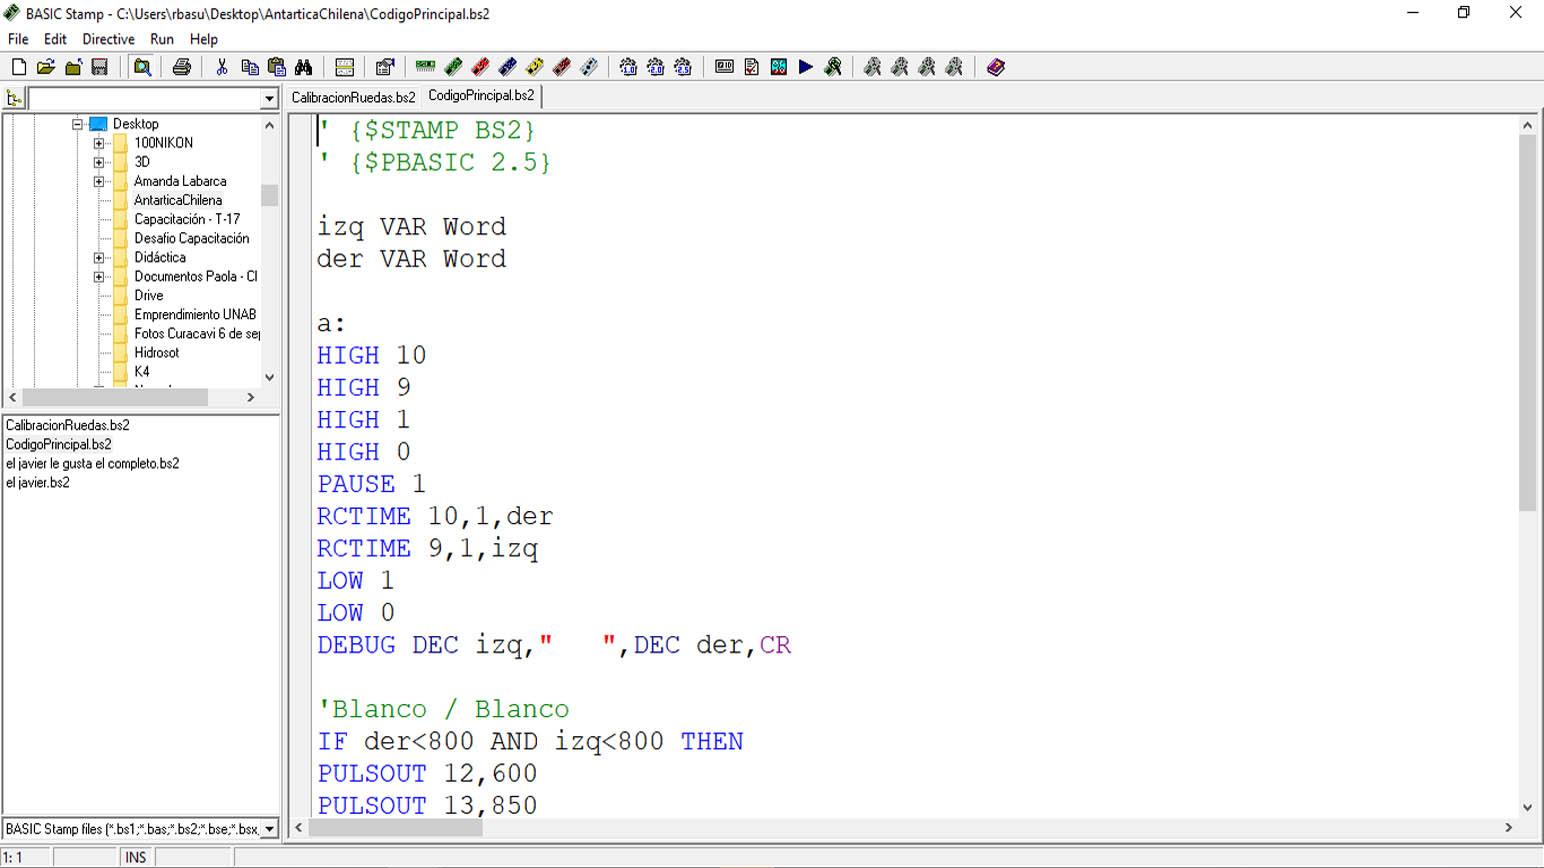 Programación T-17